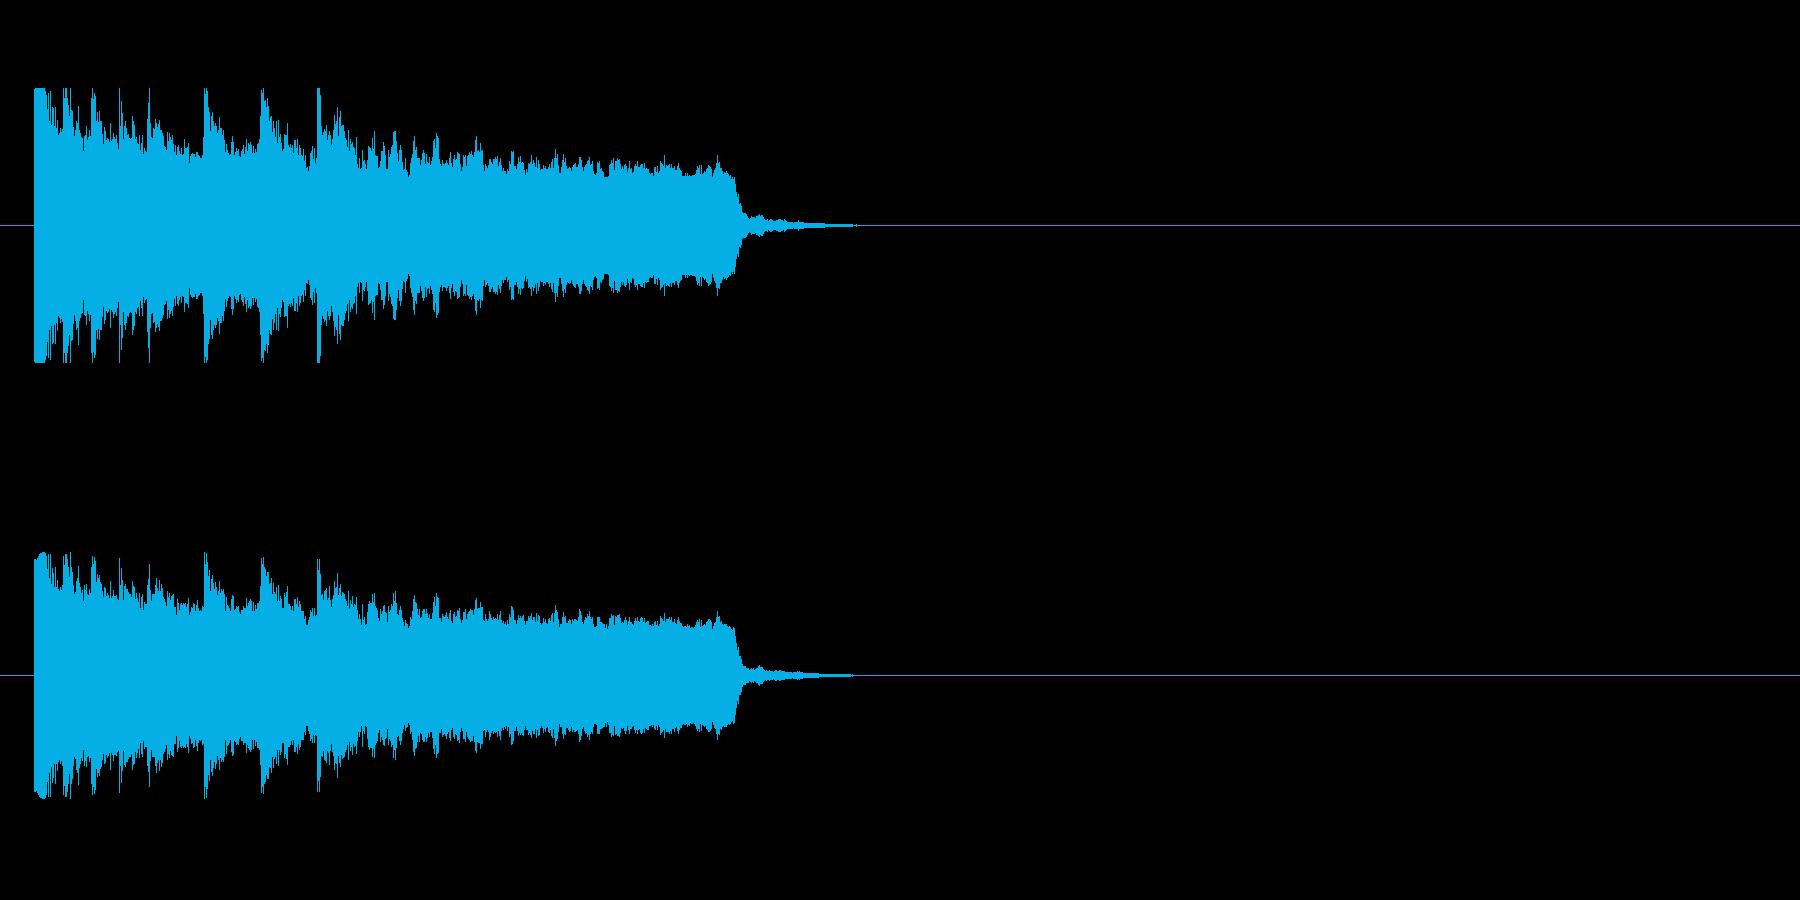 不思議 場面転換 浮遊 あやしい 科学の再生済みの波形